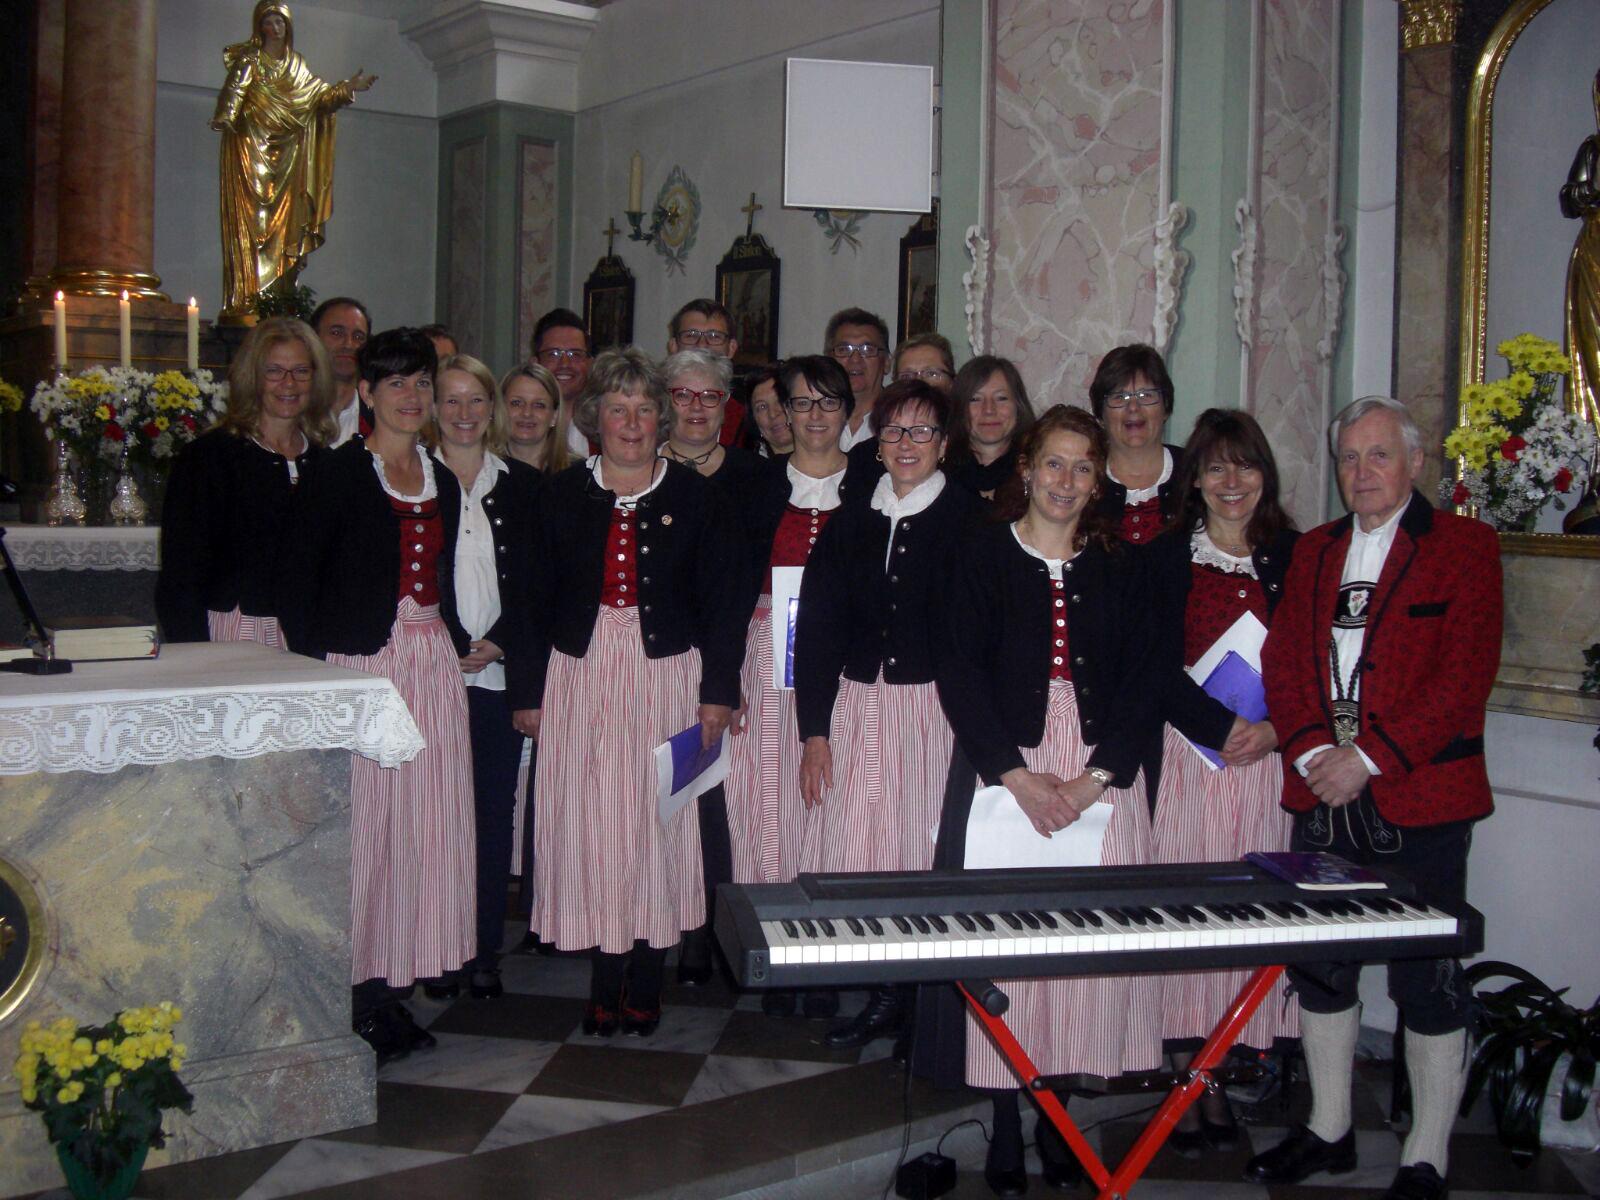 20170507 Mariensingen (4)